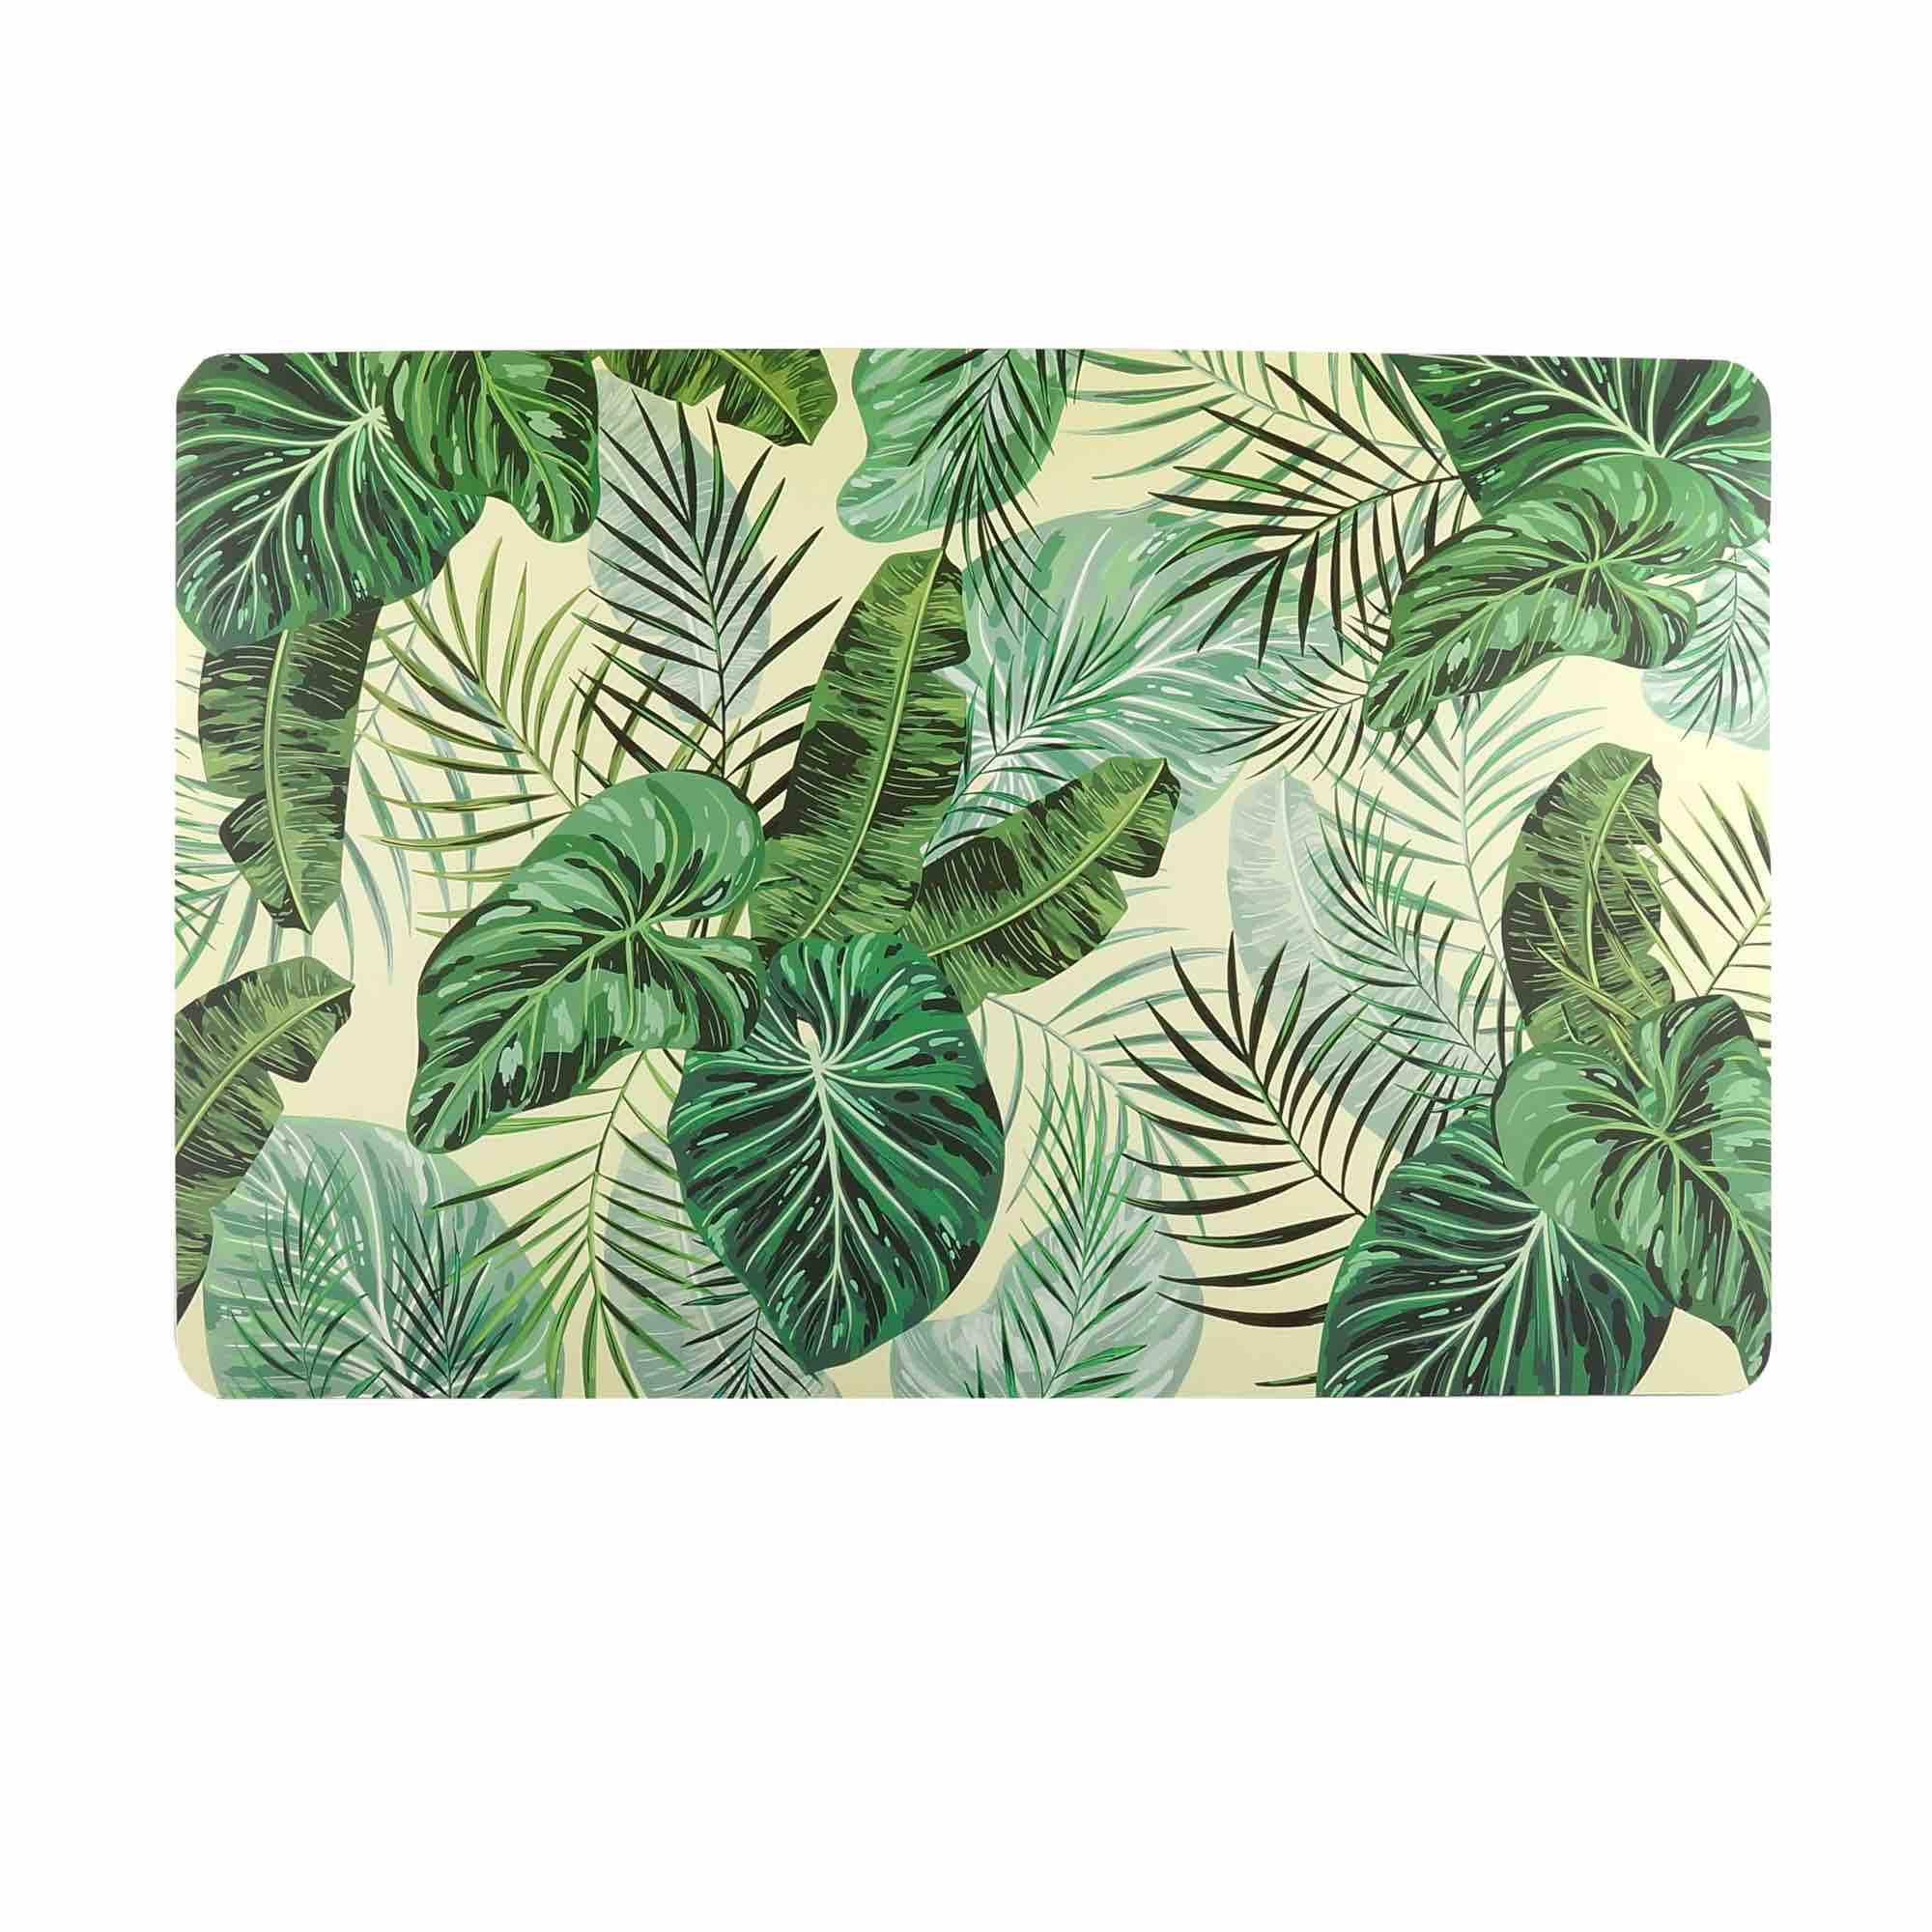 Jogo Americano de plástico Banana Leaf com 4 Peças - 43,5x28,5cm